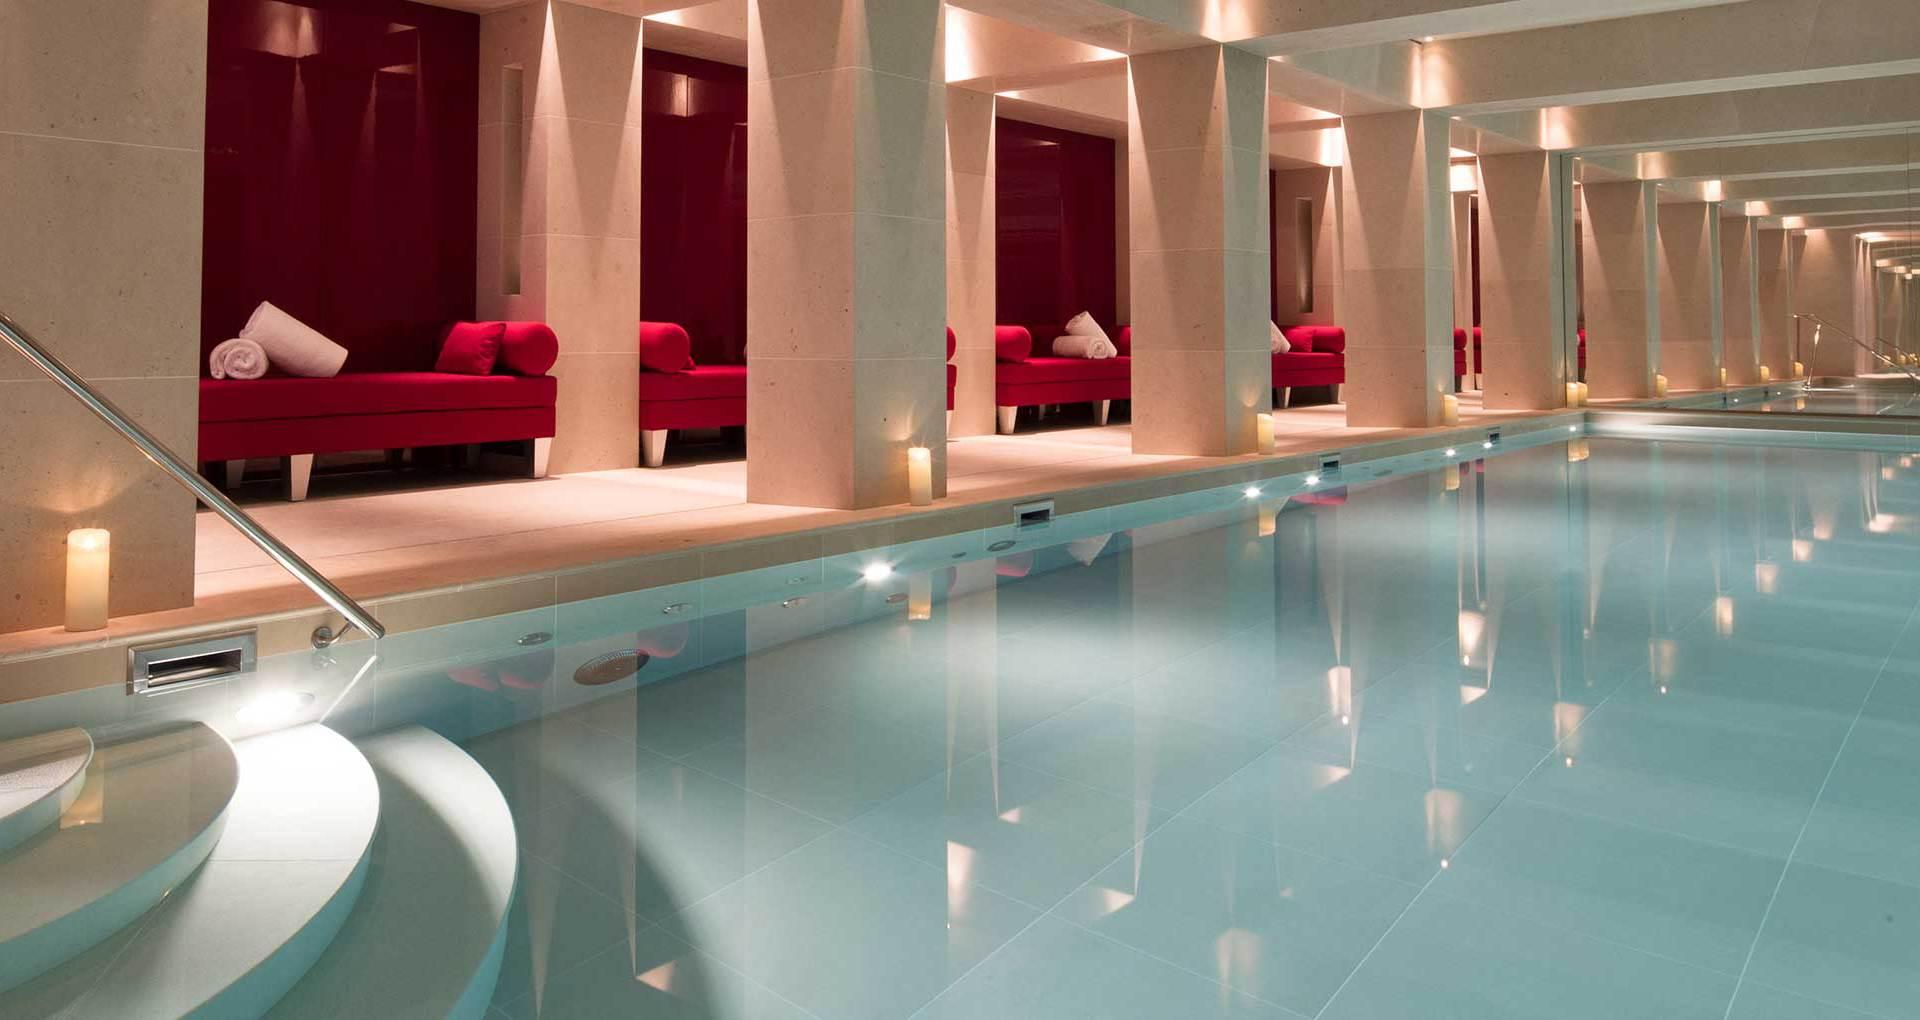 LA RÉSERVE PARIS HOTEL AND SPA - All Luxury Aparments